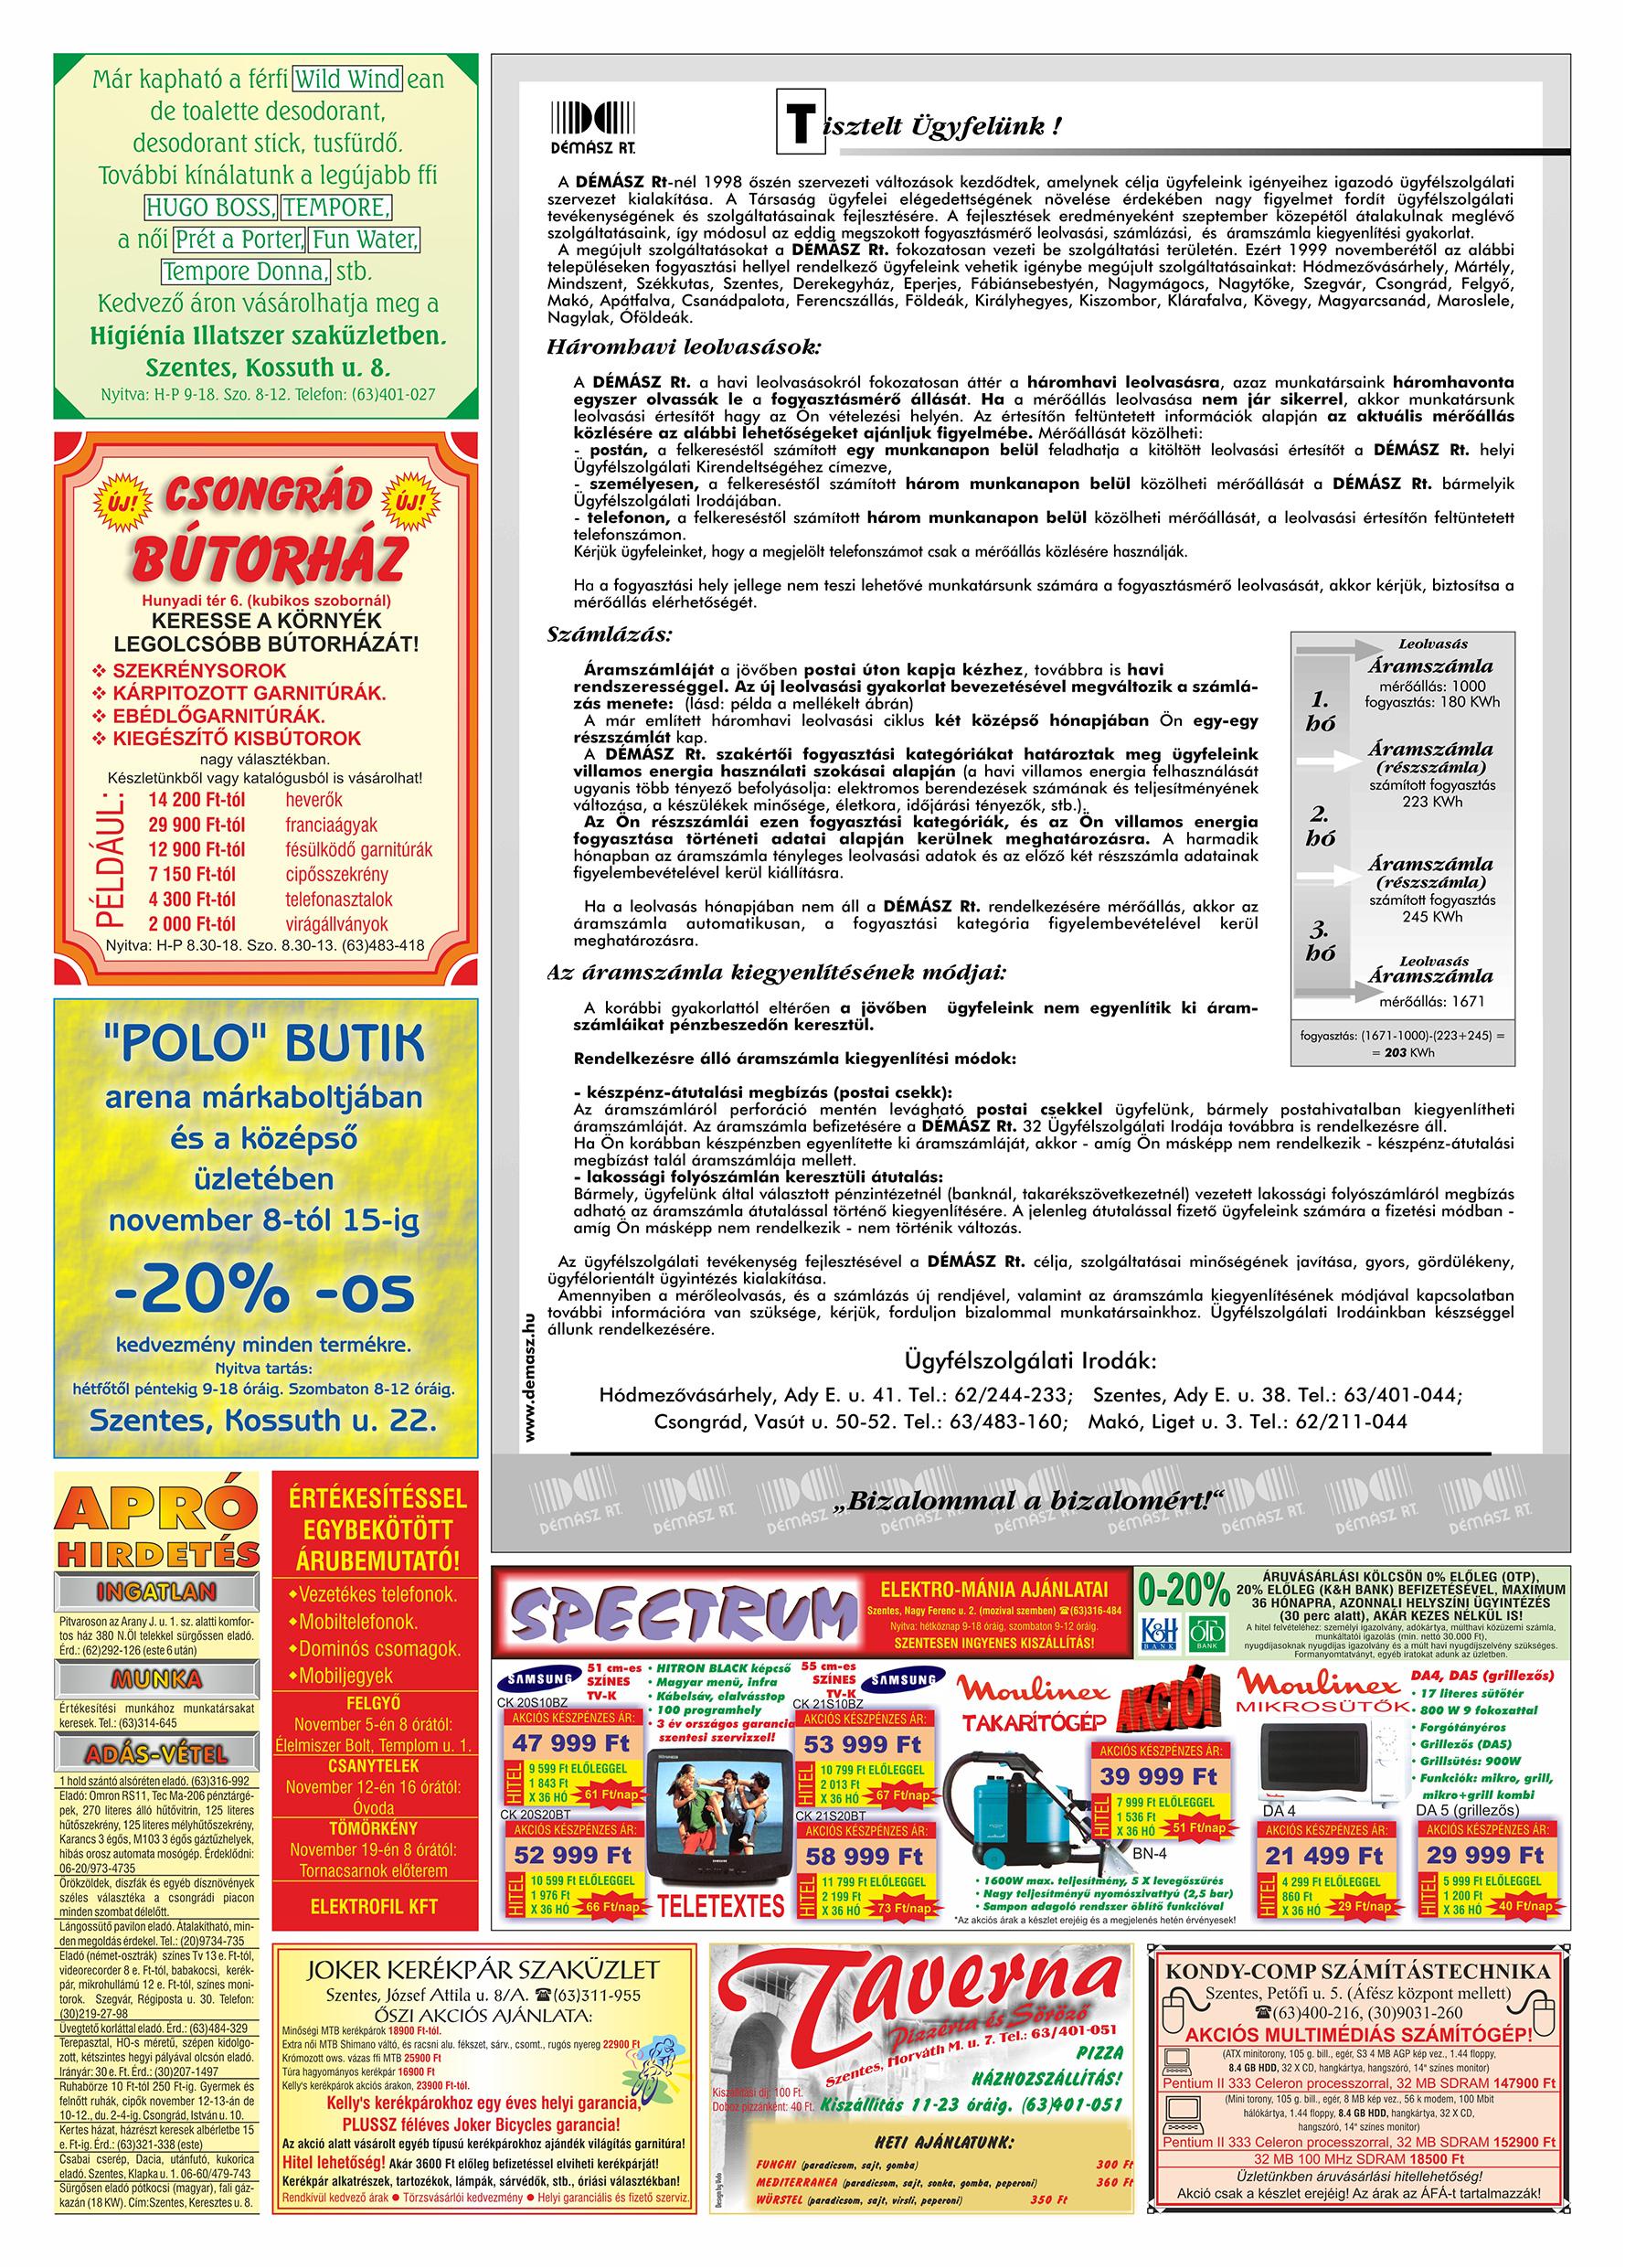 066 Tuti Tipp Extra reklámújság - 19991106-020. lapszám - 2.oldal - V. évfolyam.jpg